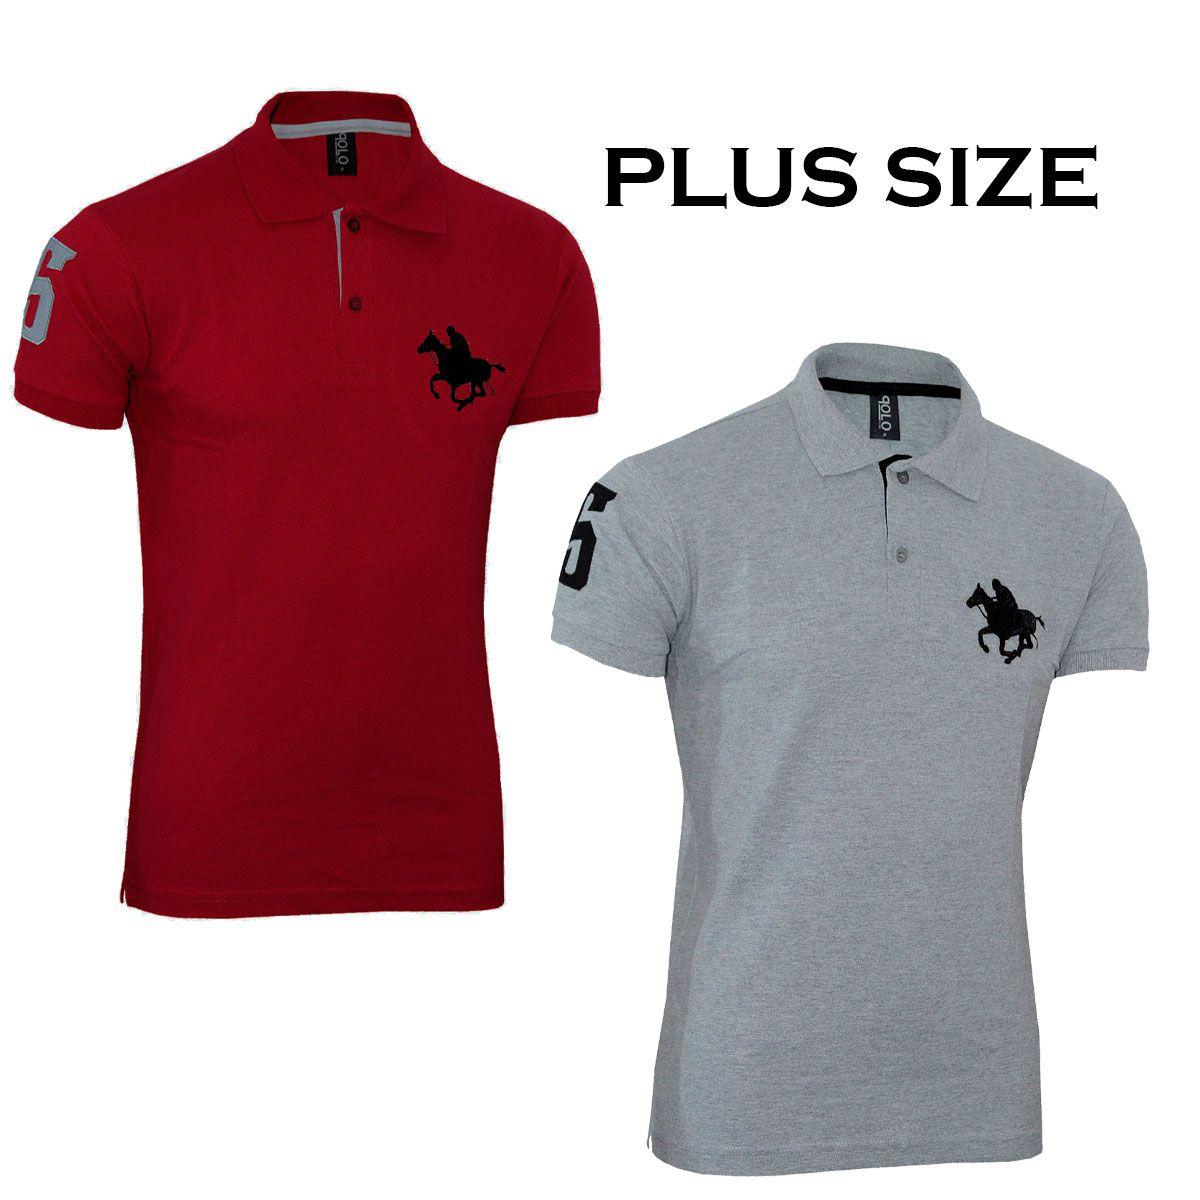 Kit com 02 Polos Tradicionais da Vermelho e Cinza  Plus Size